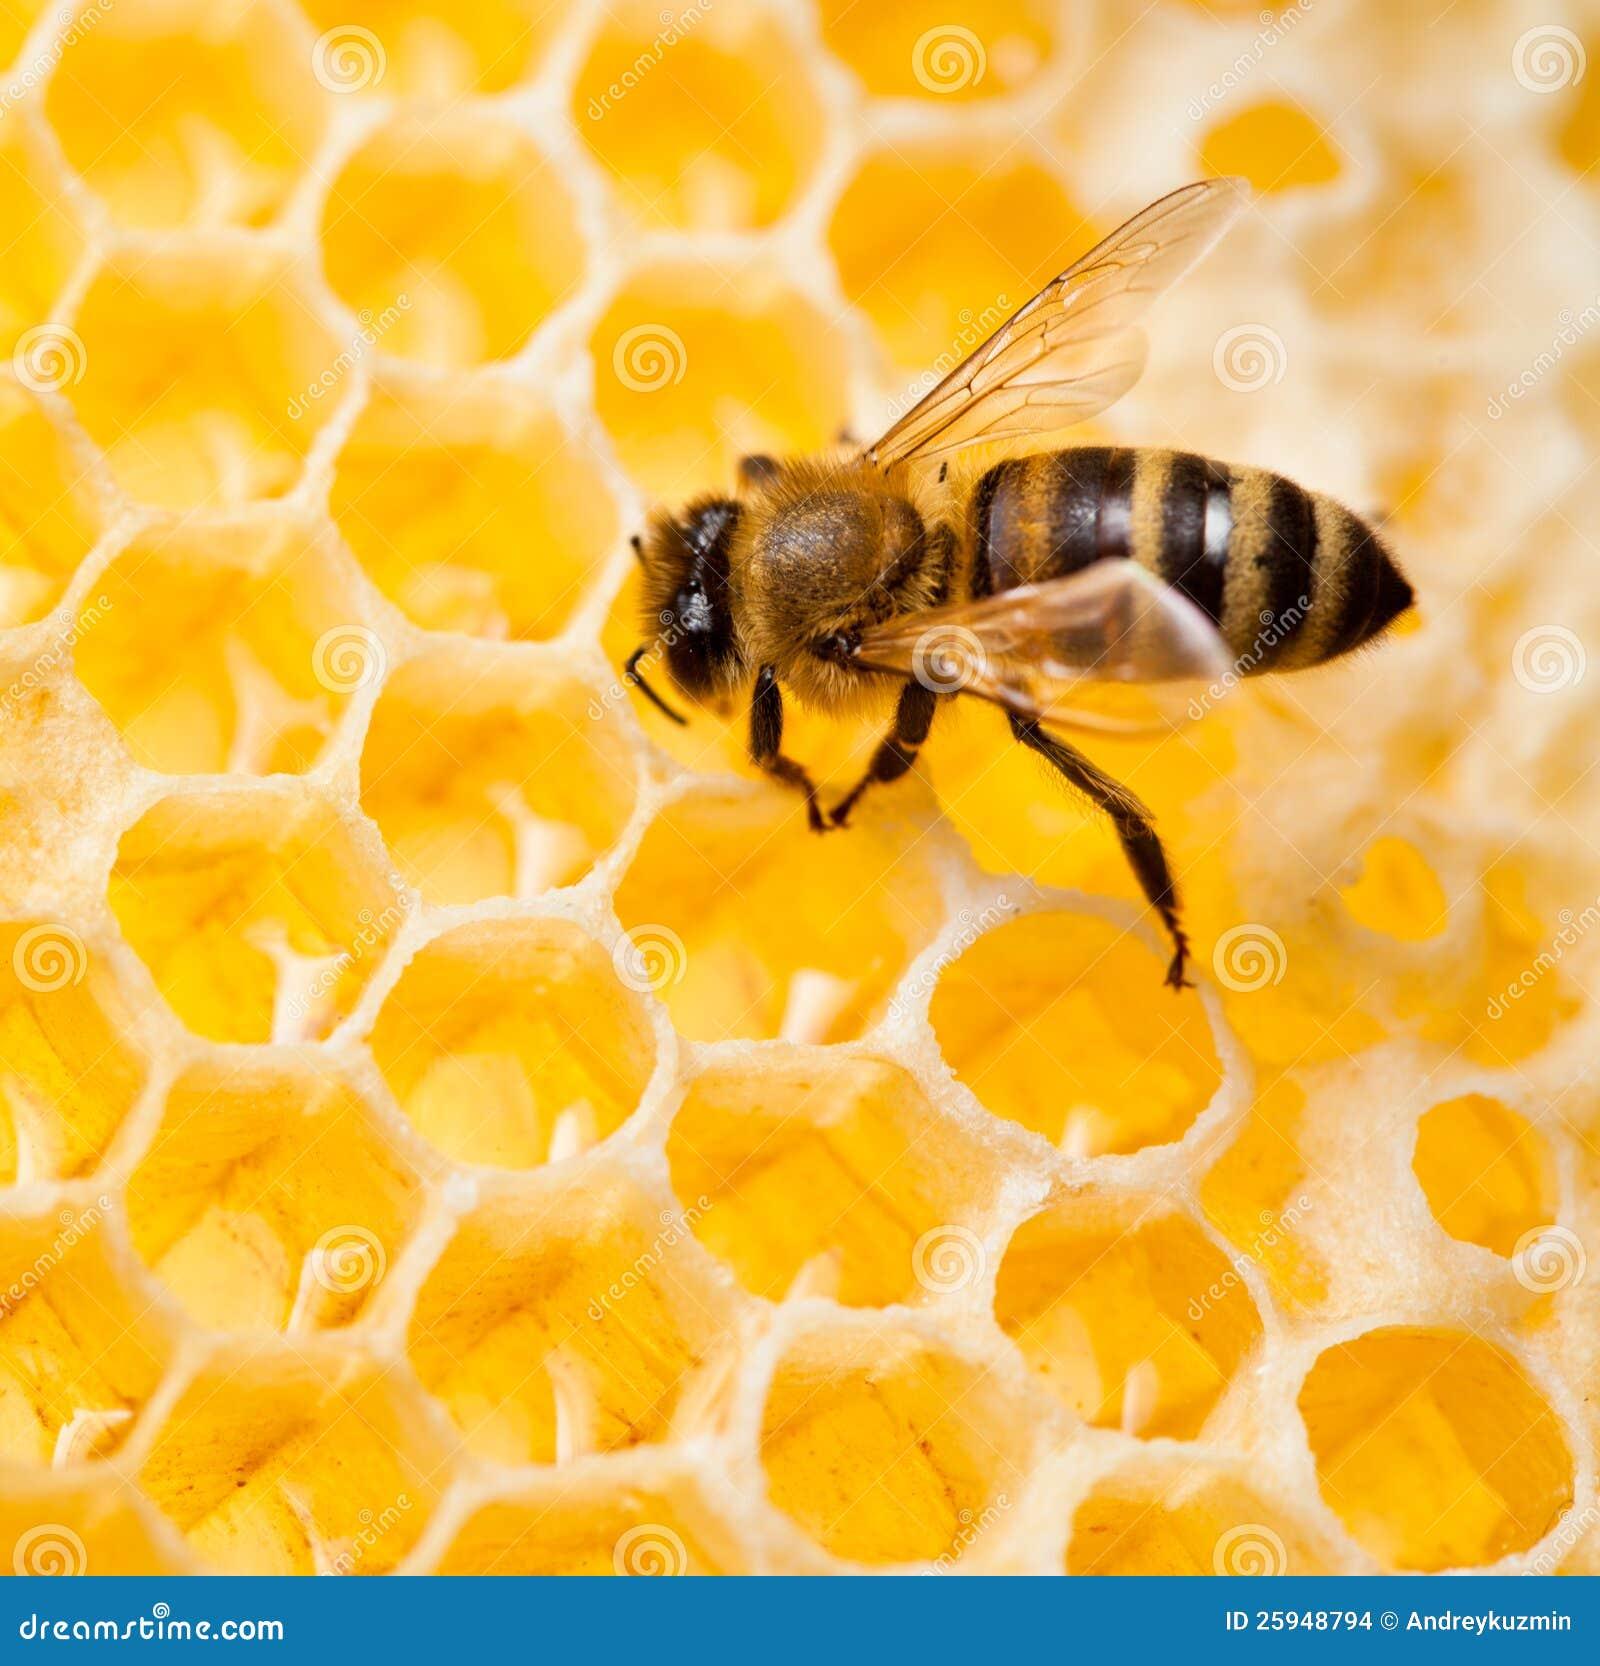 Bee in honeycomb macro shot